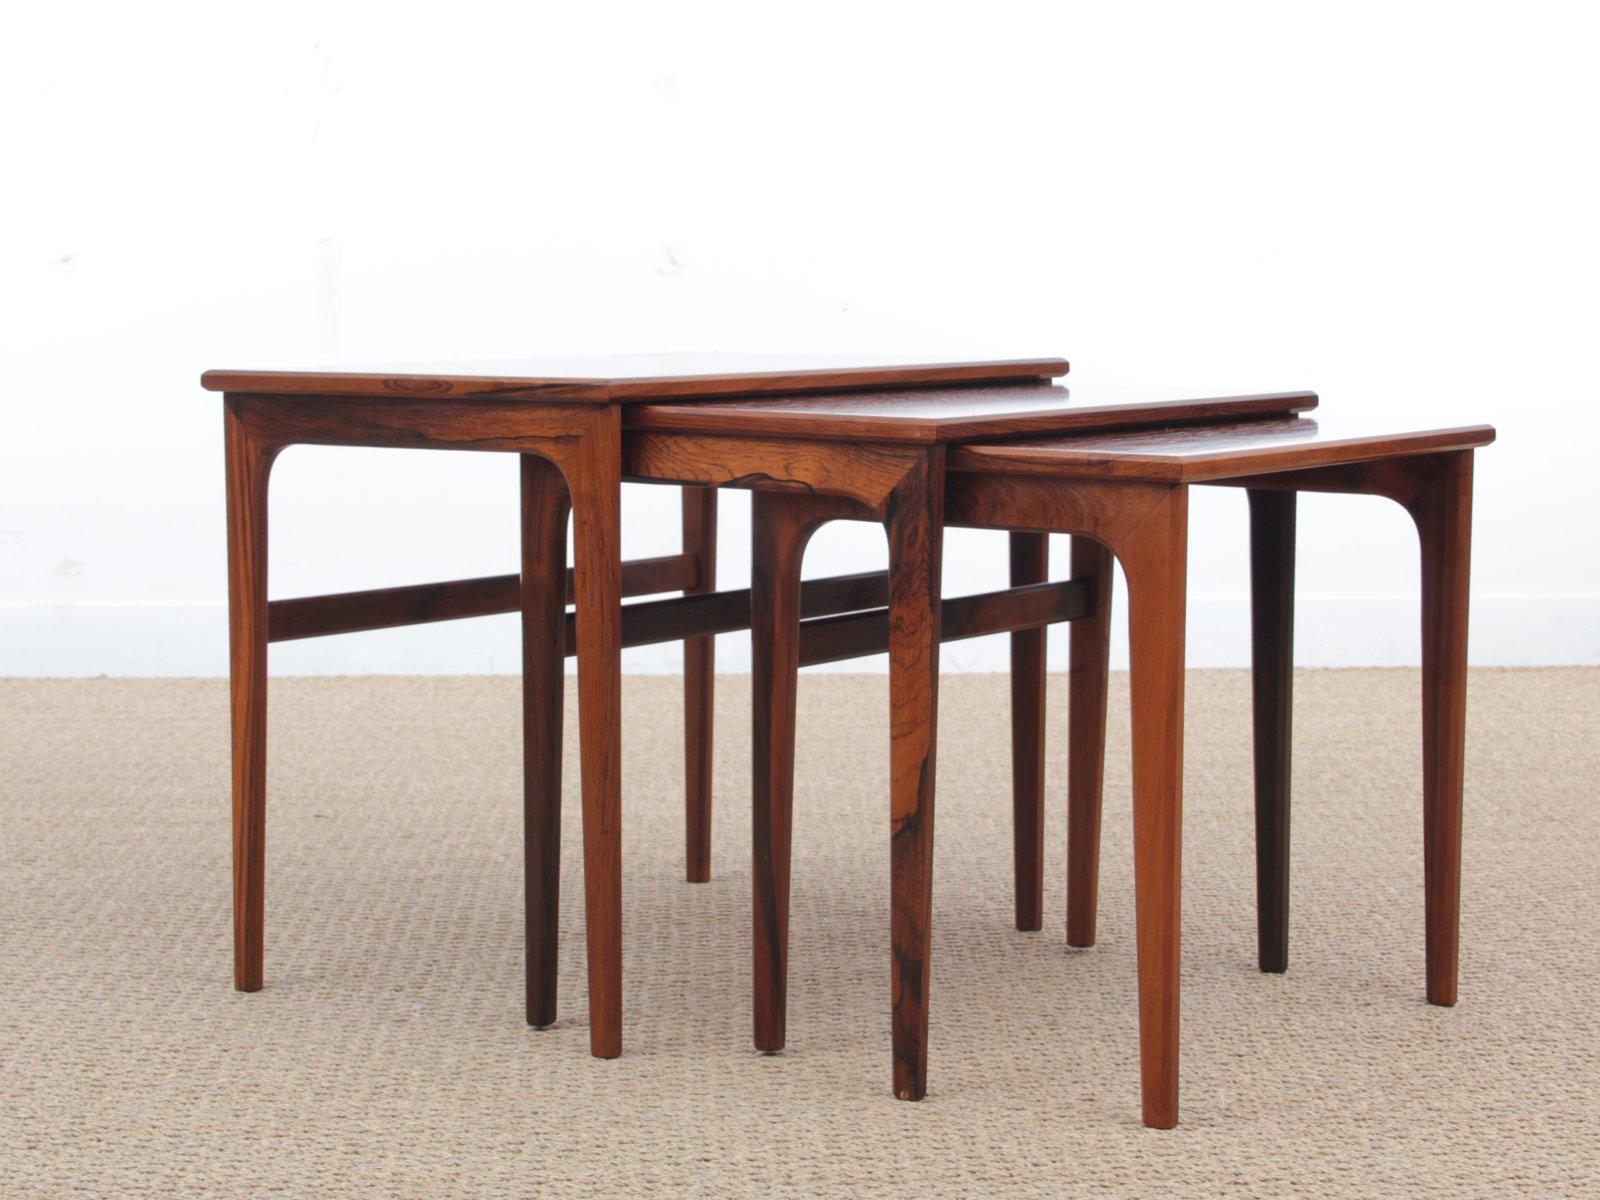 Skandinavische Mid-Century Modern Satztische aus Rio Palisander, 1960e... | Wohnzimmer > Tische > Satztische & Sets | Braun